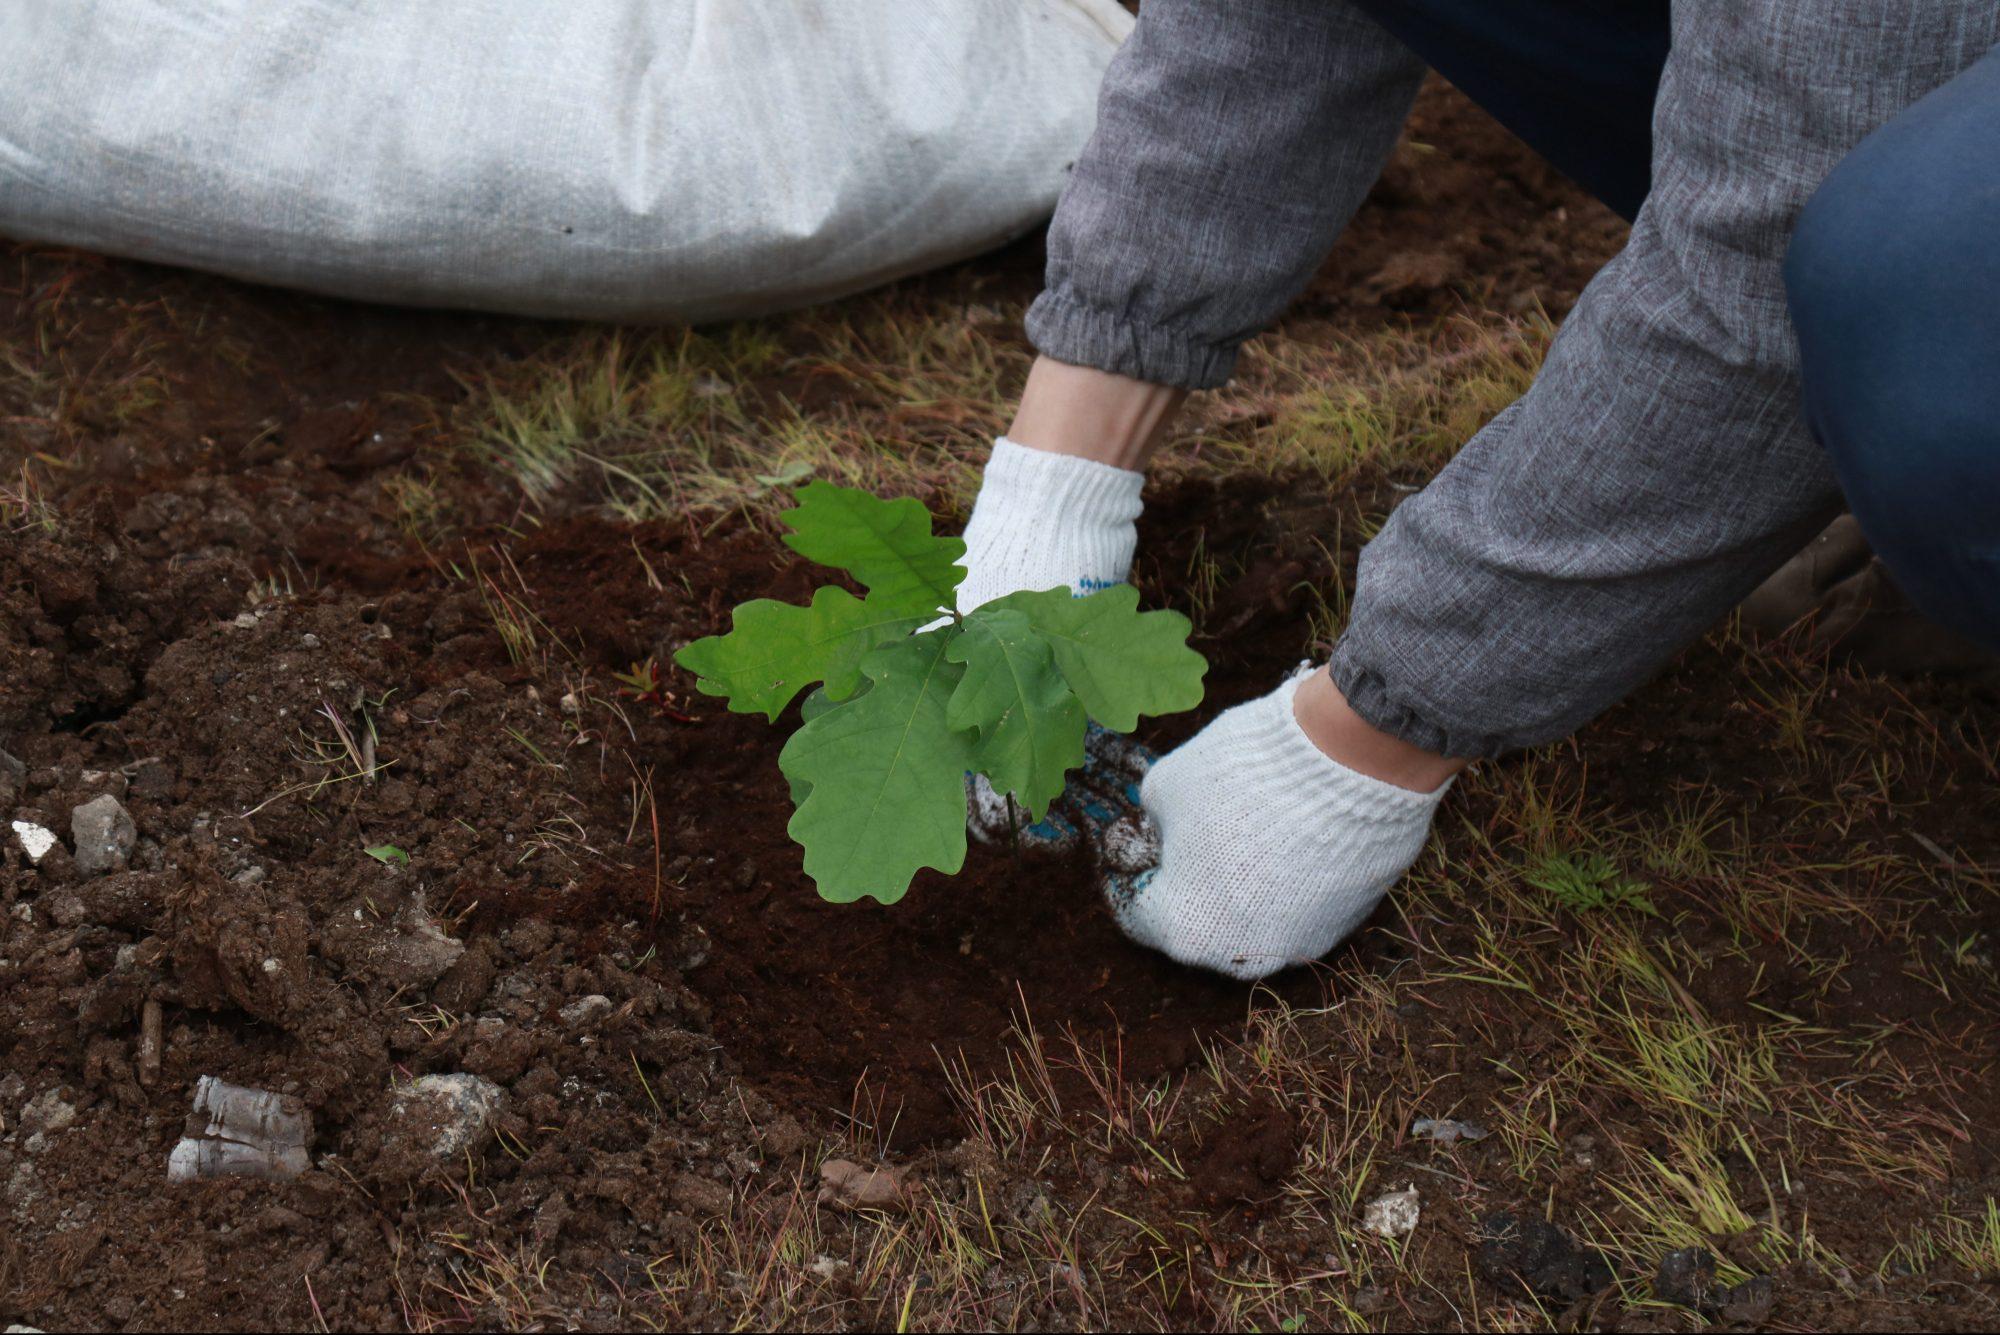 дуб саженец сад озеленение садовод садоводство дерево посадка